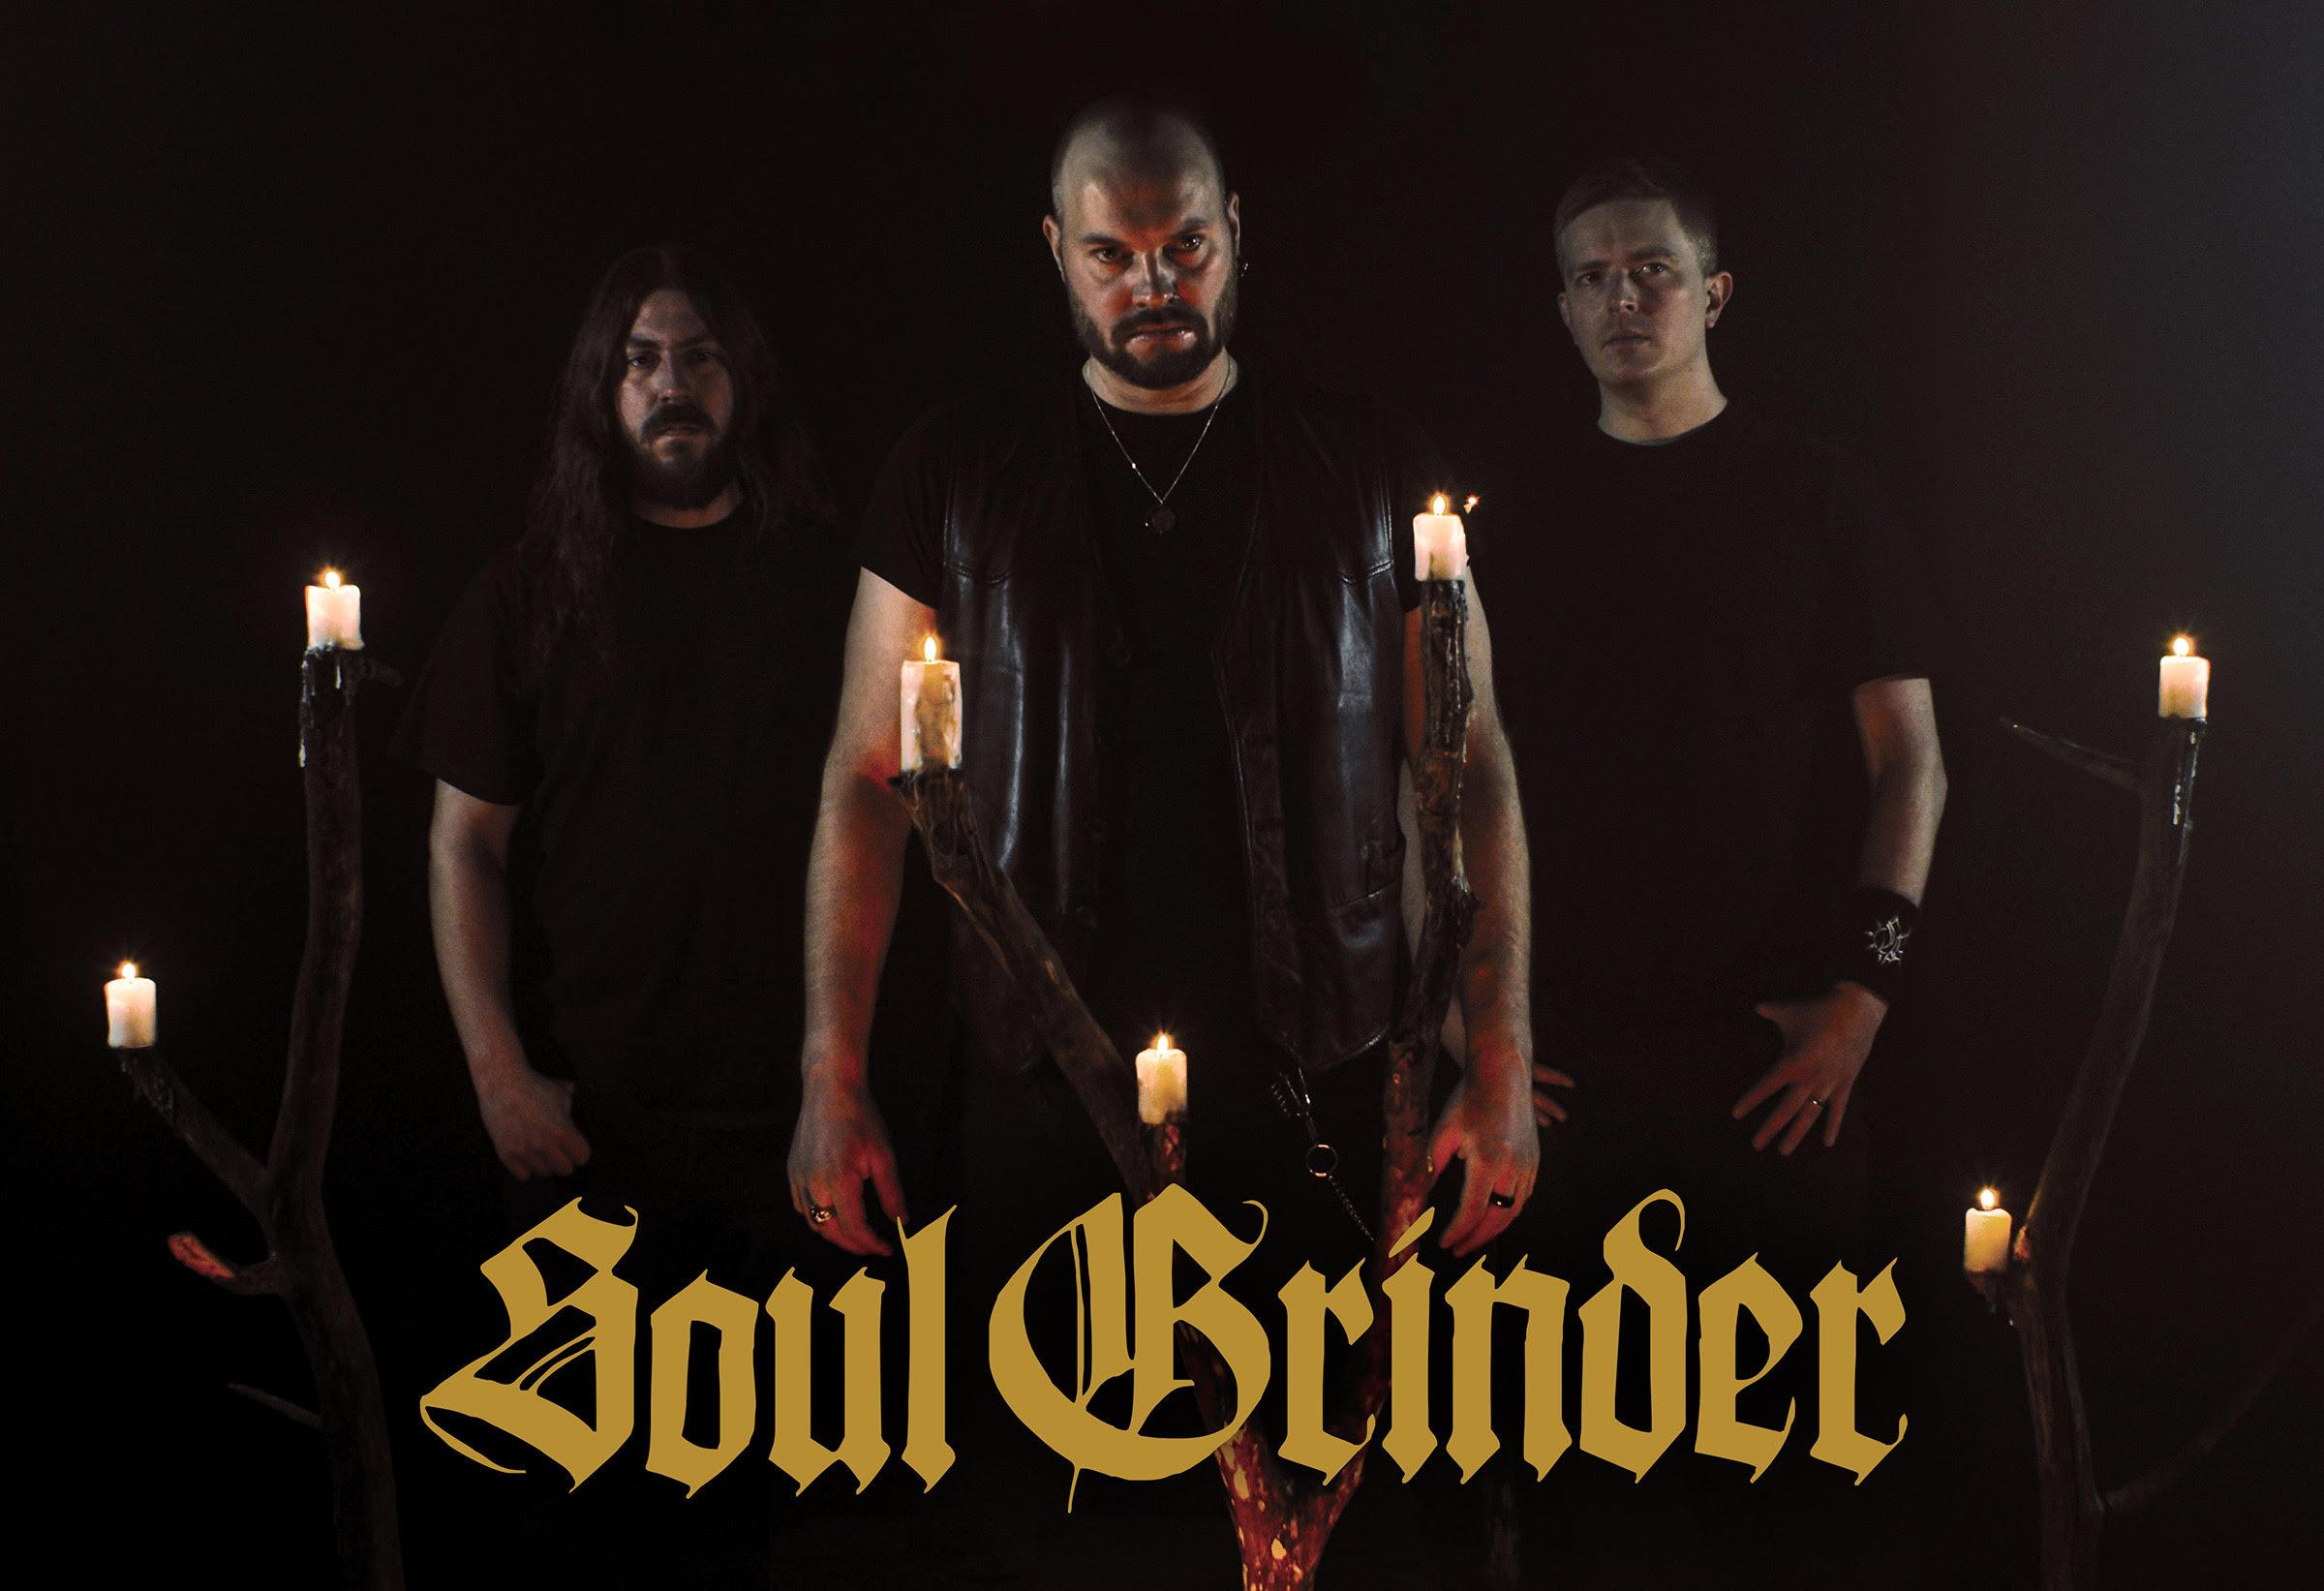 Οι SOUL GRINDER ανακοίνωσαν τη νέα κυκλοφορία του EP «Lifeless Obsession» που θα κυκλοφορήσει τον Ιούνιο.